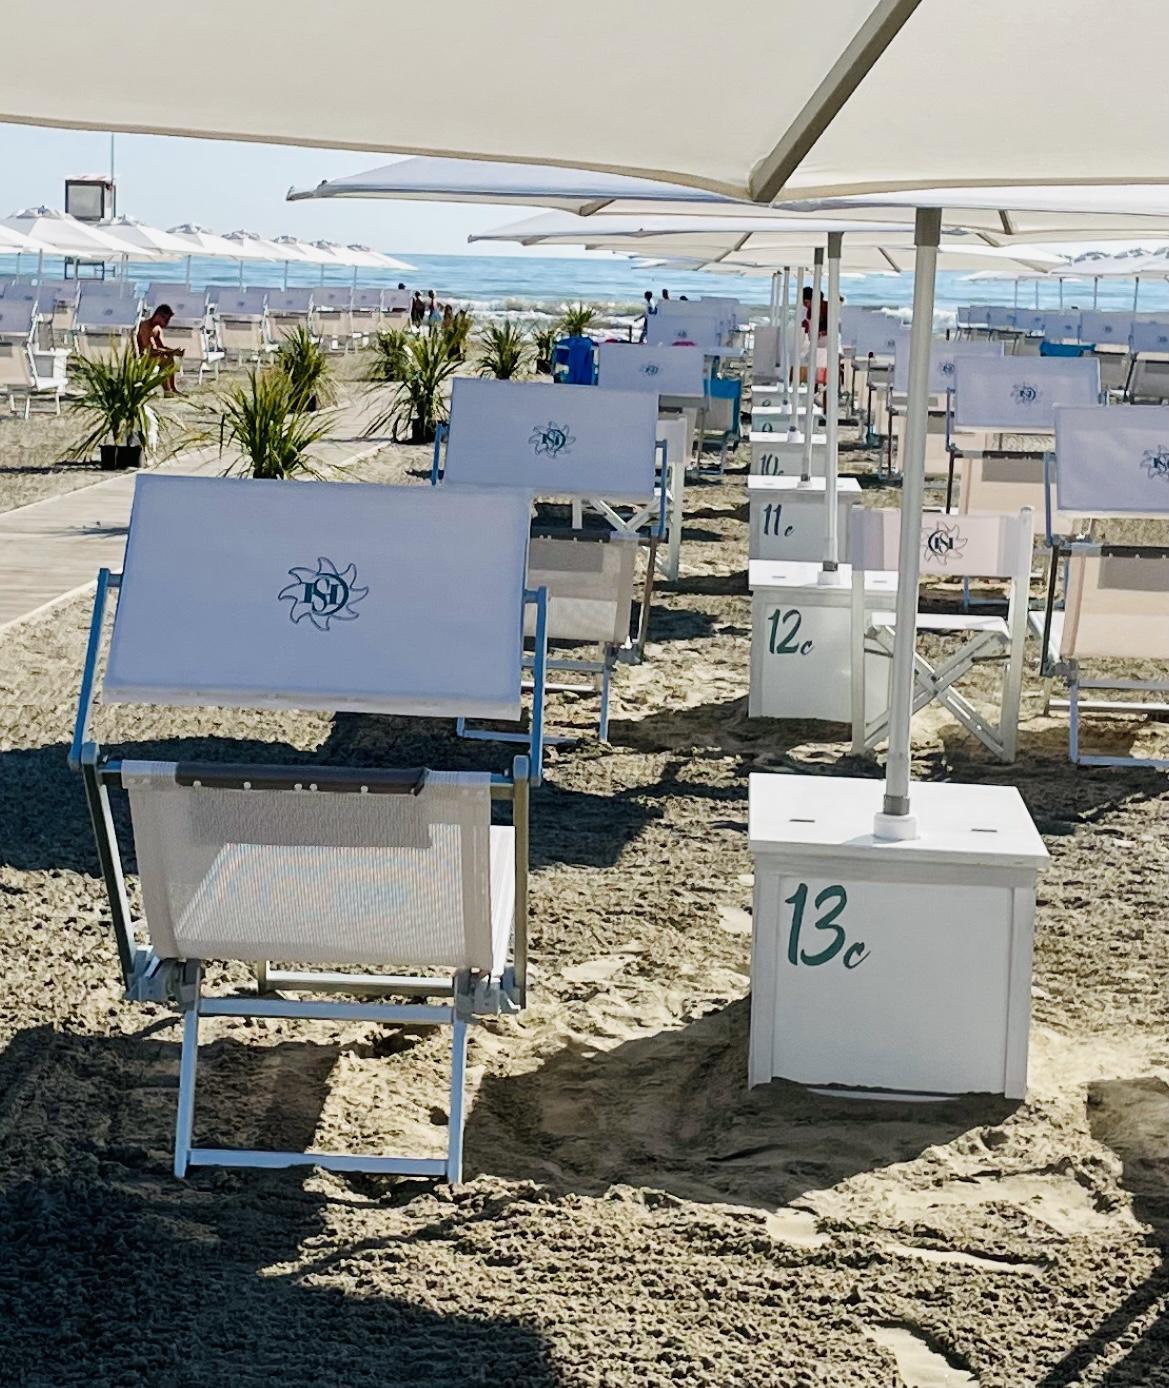 bagno giuliano 247 milano marittima ombrelloni distanziati aperitivo sulla spiaggia lungomare milano marittima bagno con parcheggio privato